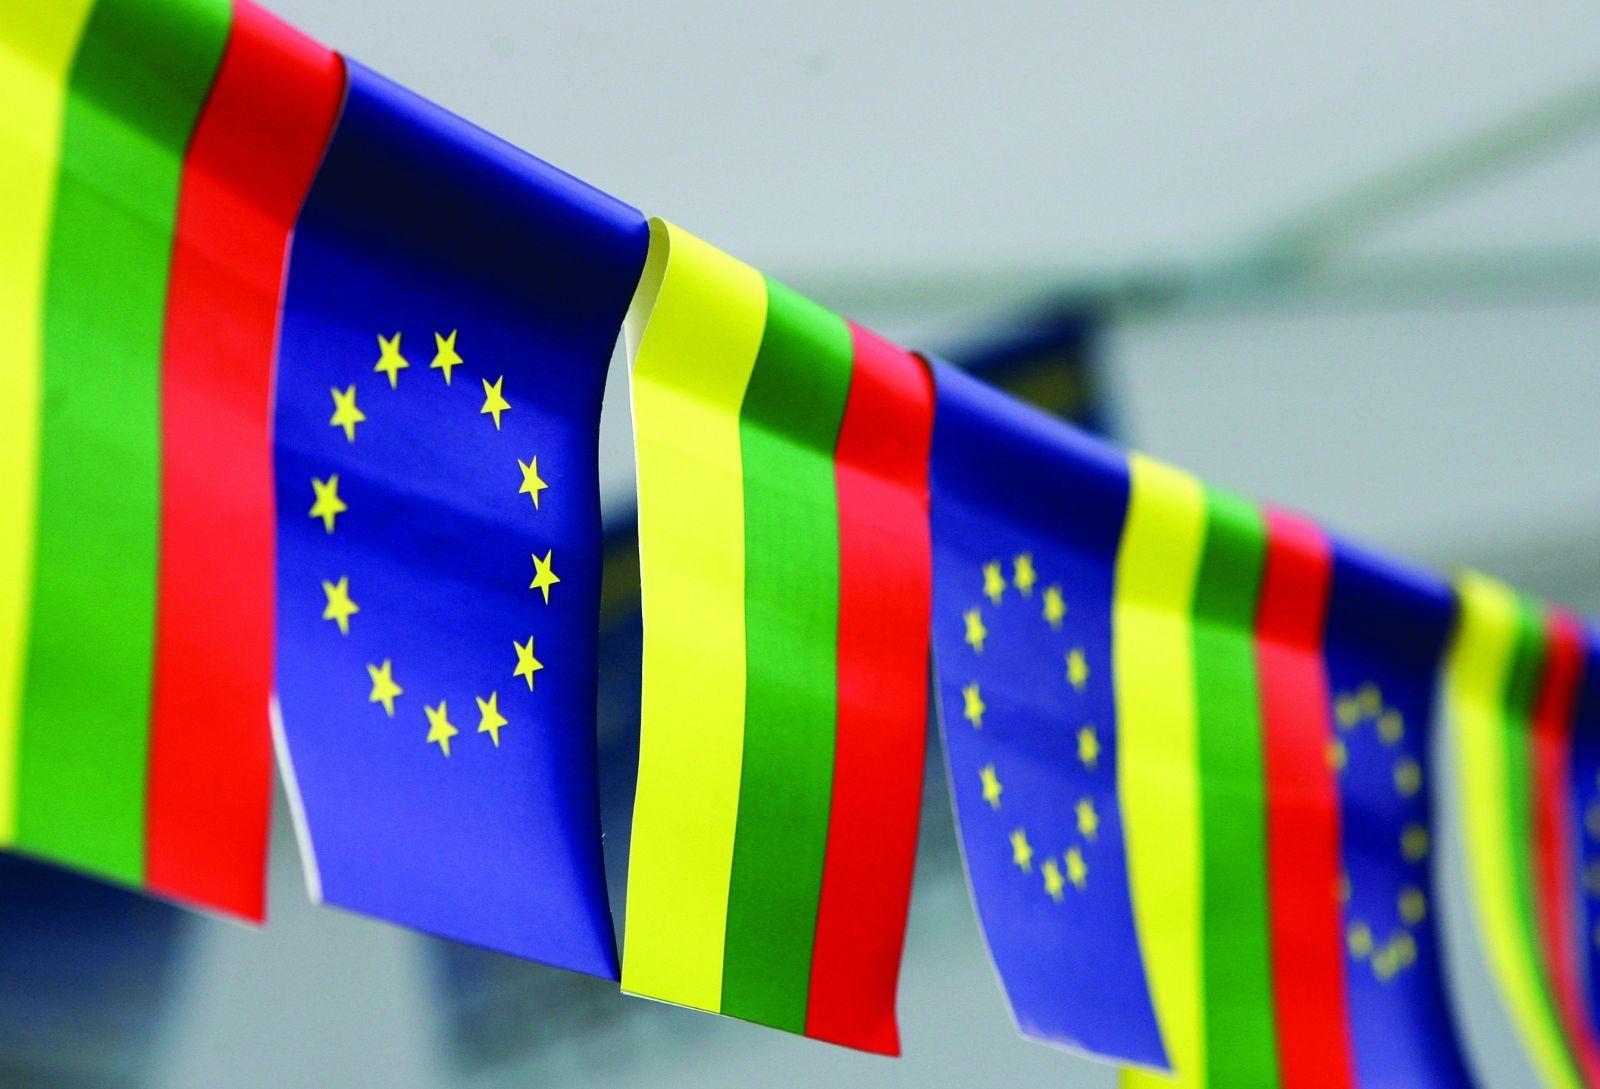 Литва стала 19 членом єврозони і офіційно перейшла на євро